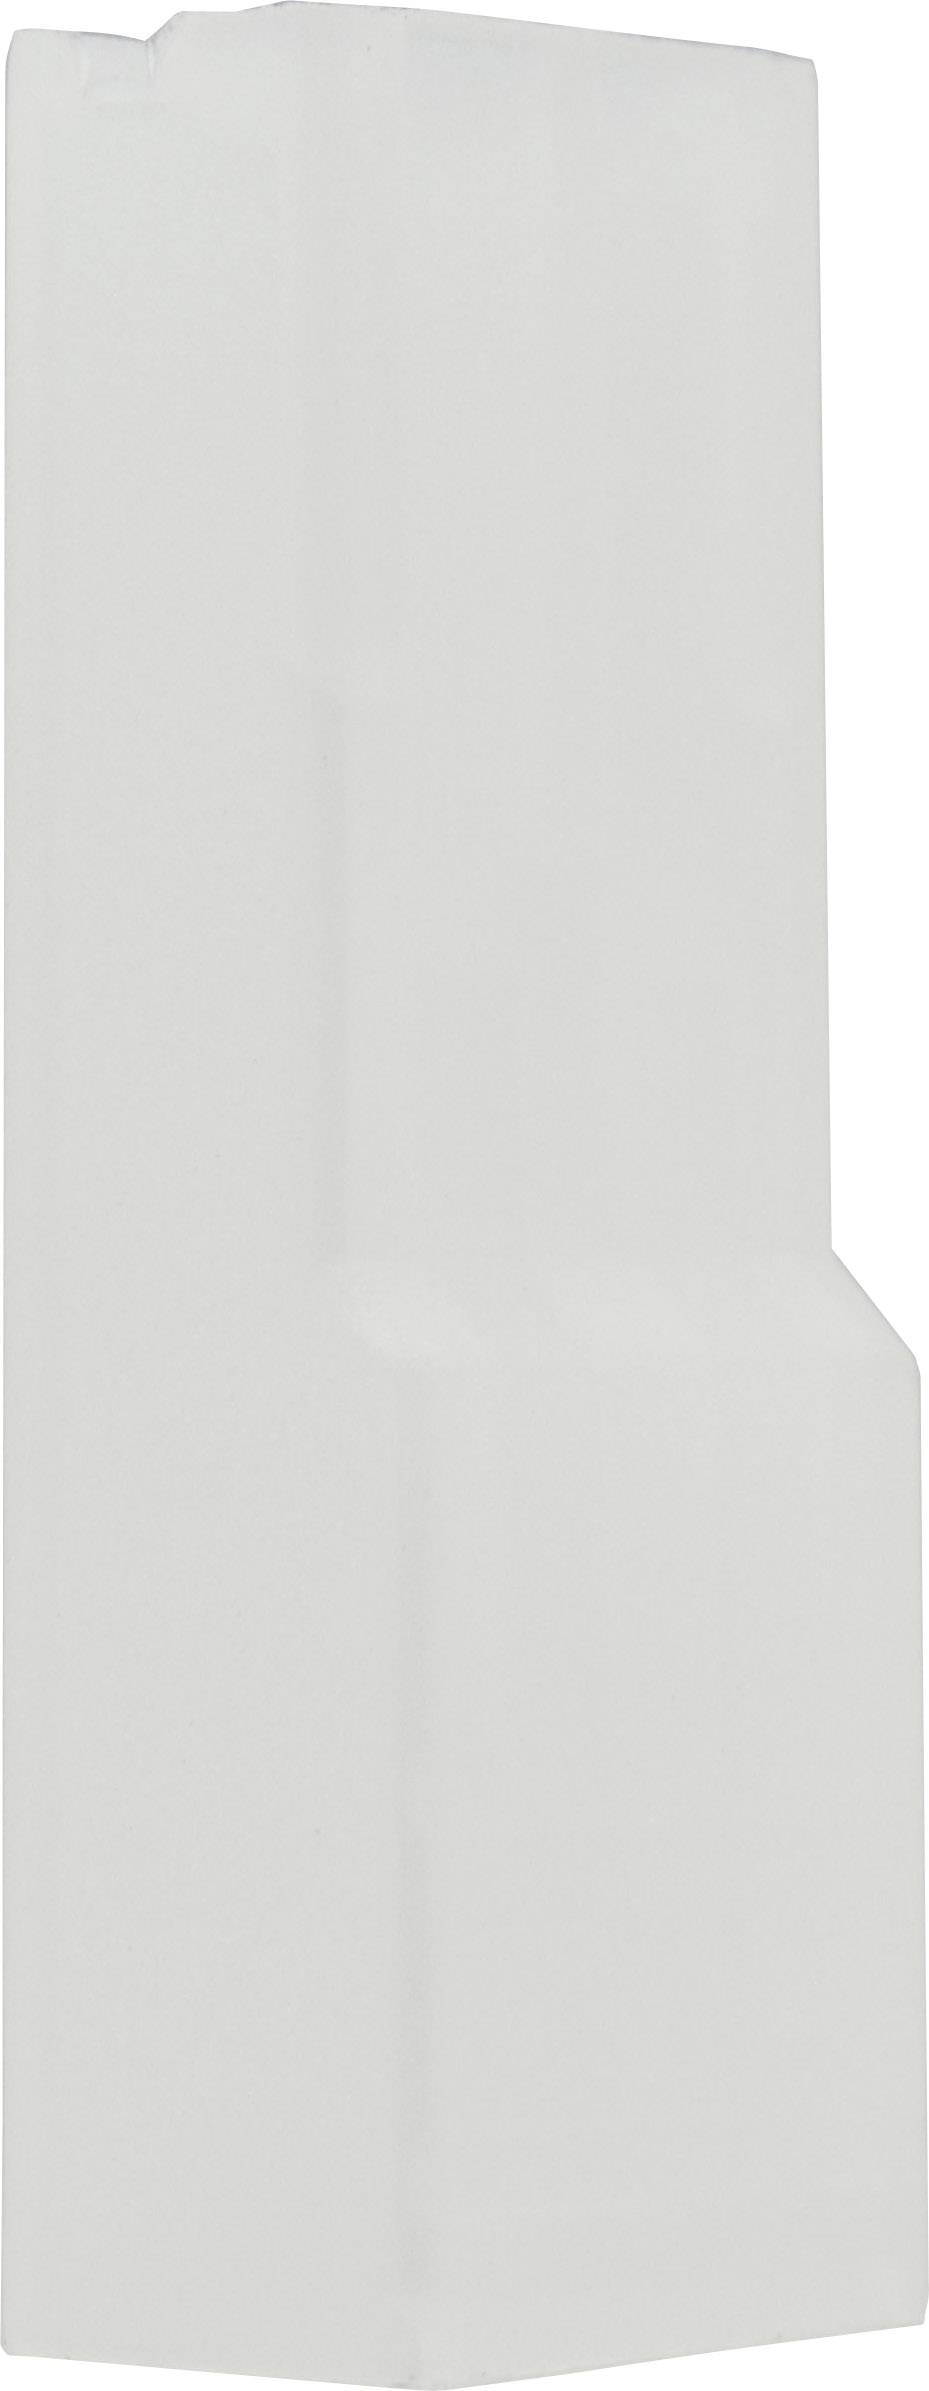 Izolační dutinka Vogt Verbindungstechnik 3941pa, transparentní, 0.50 mm² – 2.50 mm², 1 ks